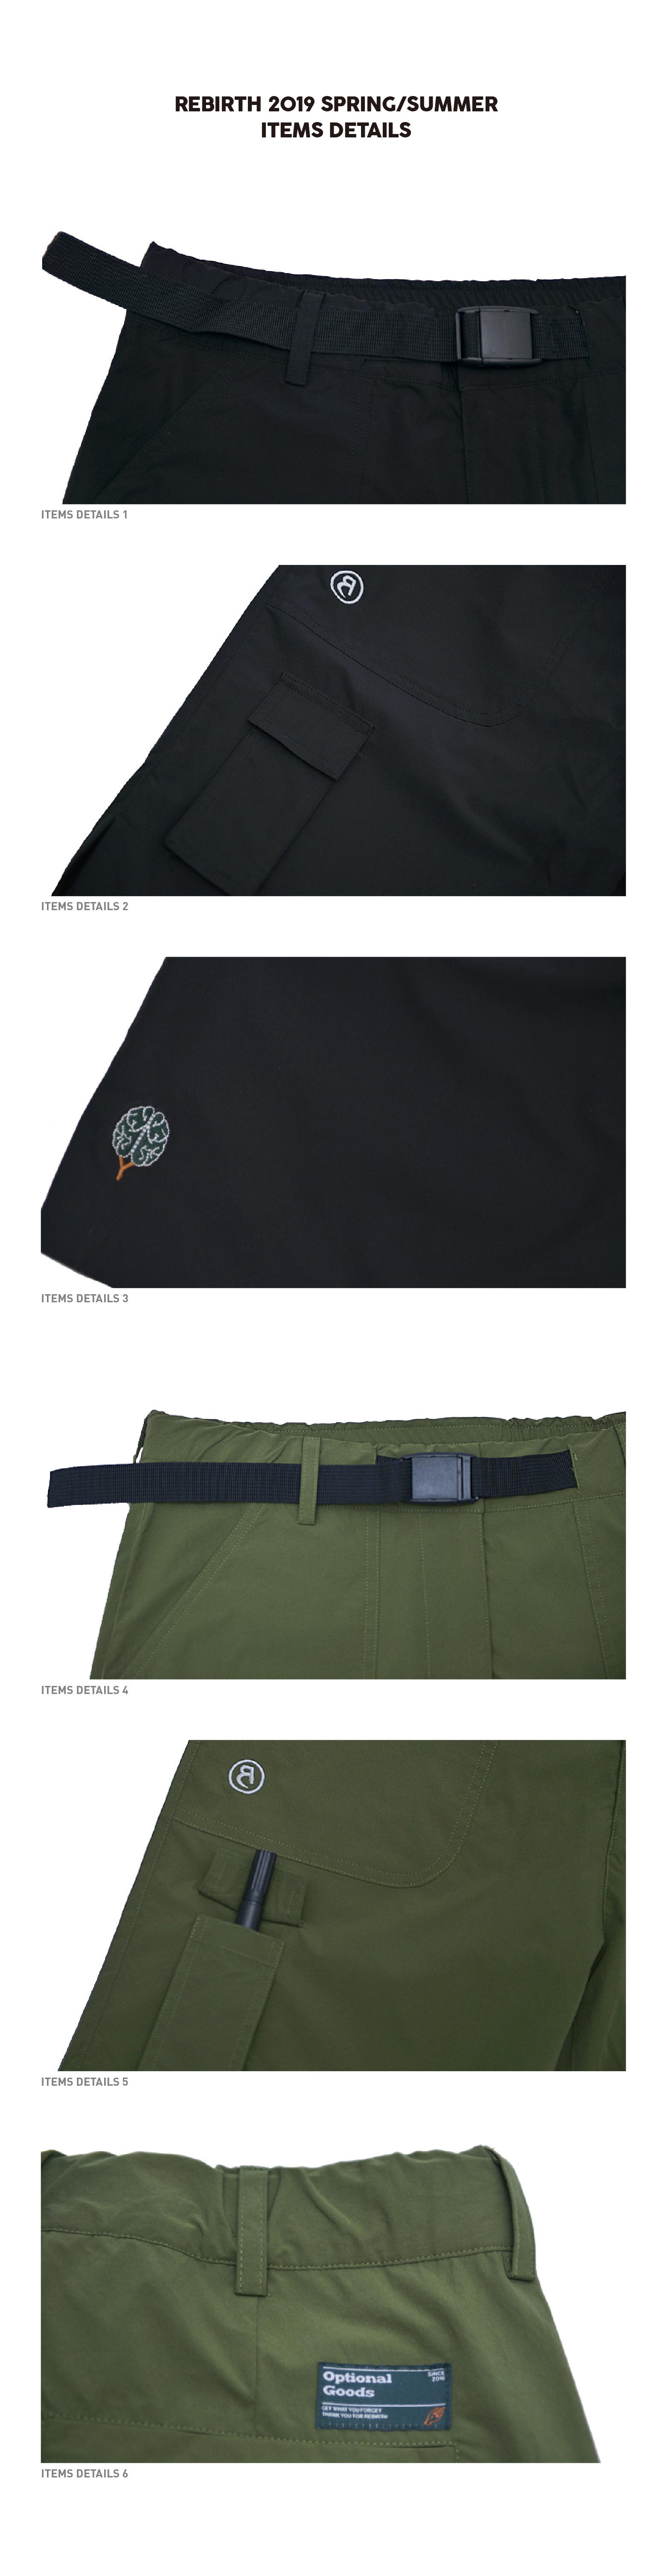 REBIRTH 2019SS sản phẩm mới xuân hè đơn giản, vải nhanh khô tự nhiên, quần lửng rộng eo màu rộng ngoài trời - Quần short